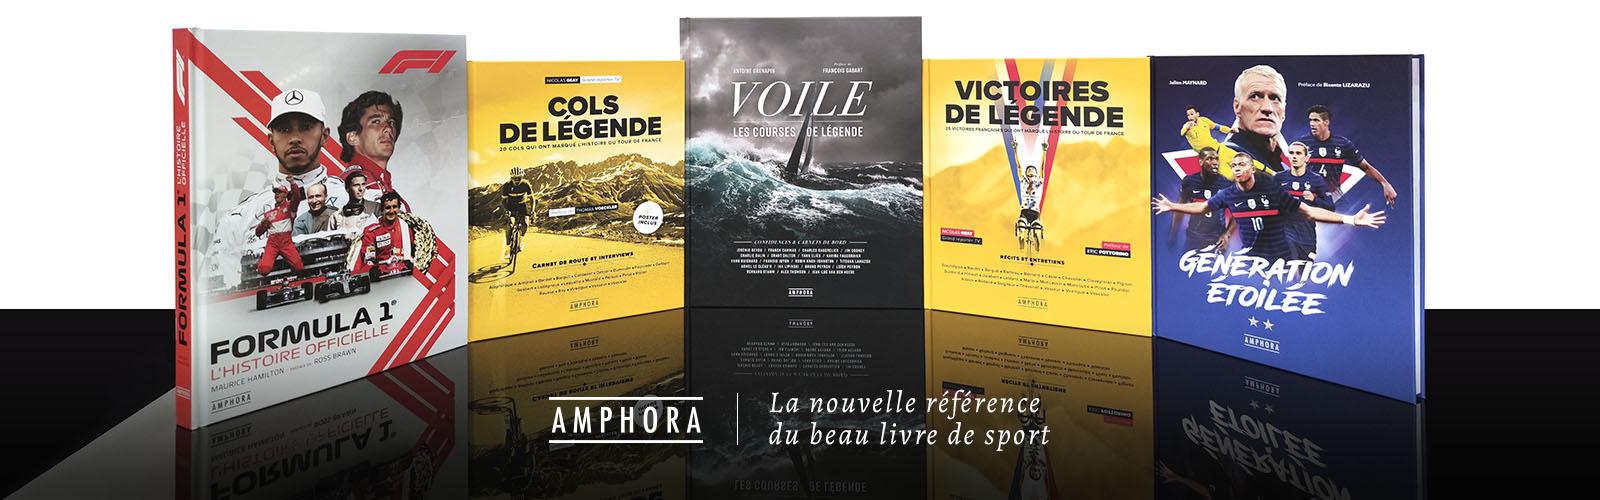 Amphora_Beaux_livres_slide_v1